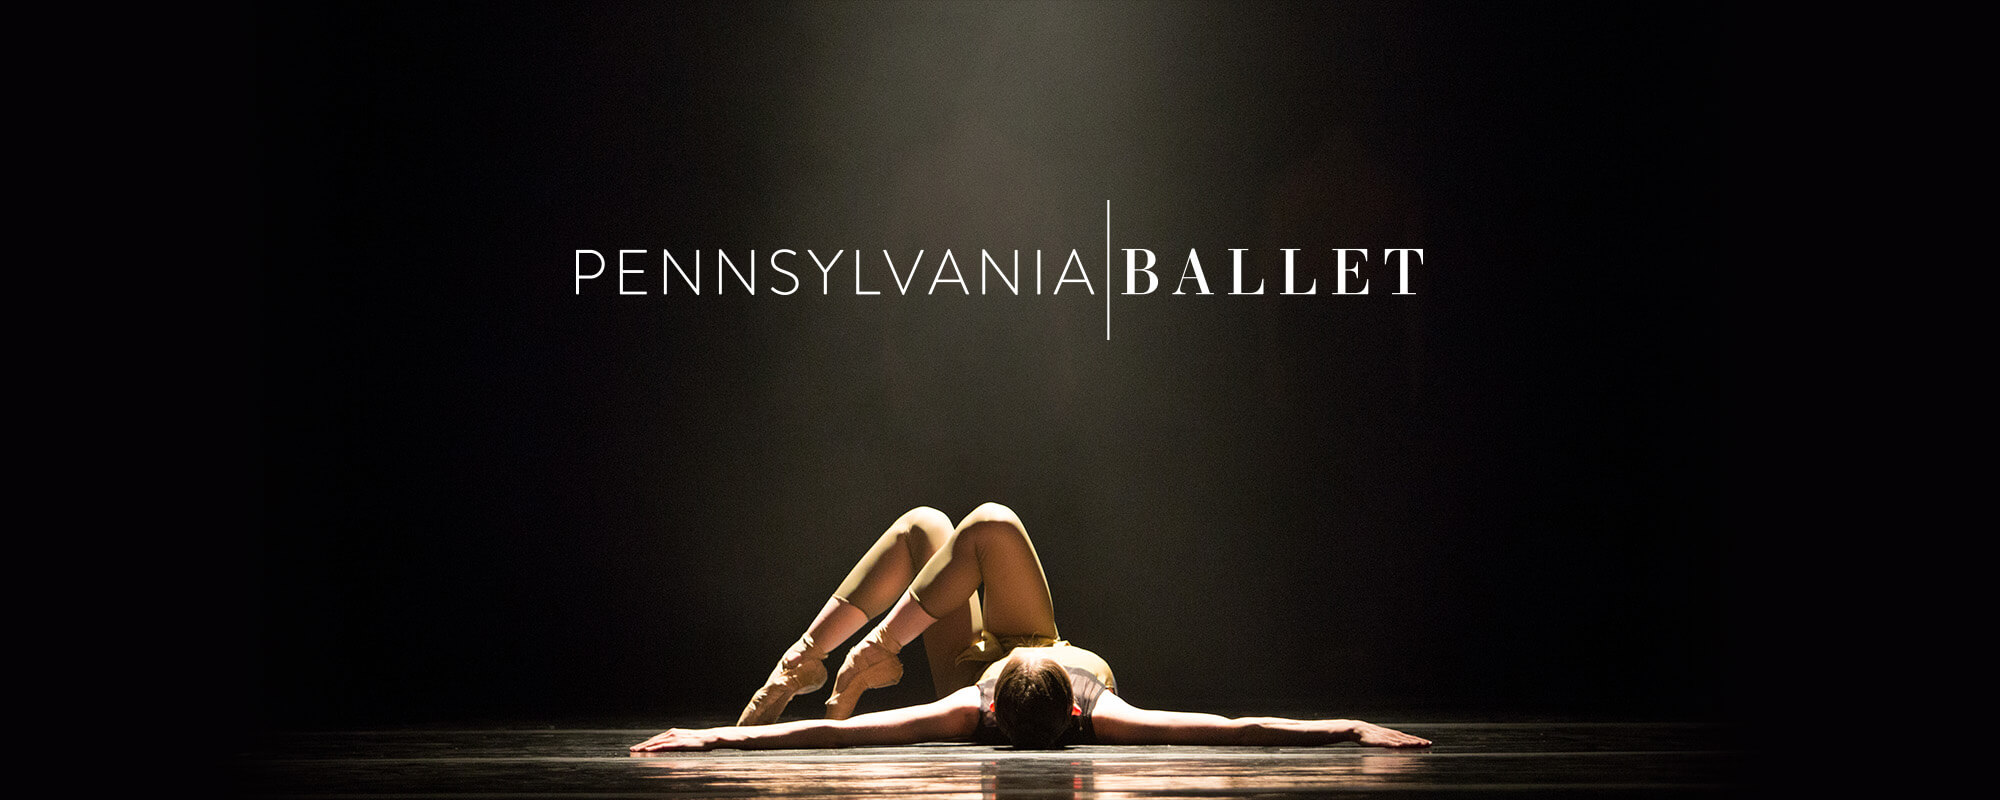 Home - PA Ballet